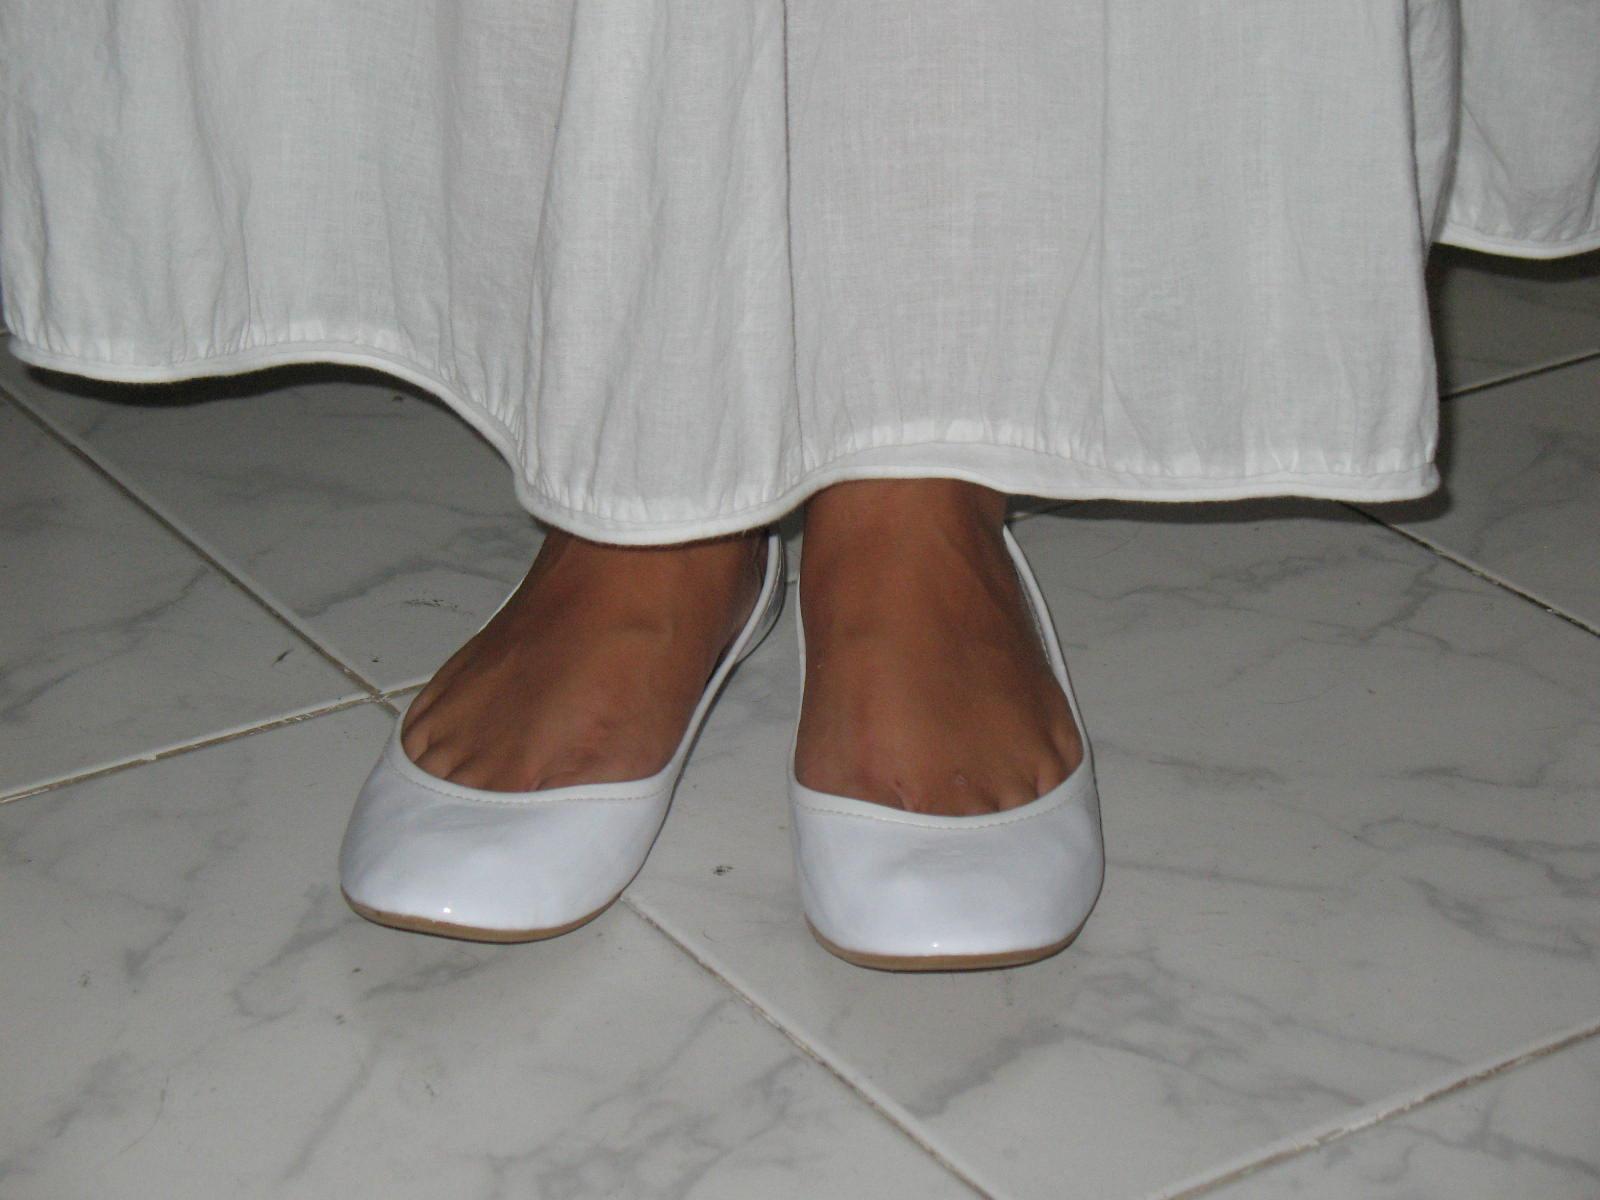 Hintergrundbilder Weiß Spaltung Füße Leder Hausschuhe Ballett